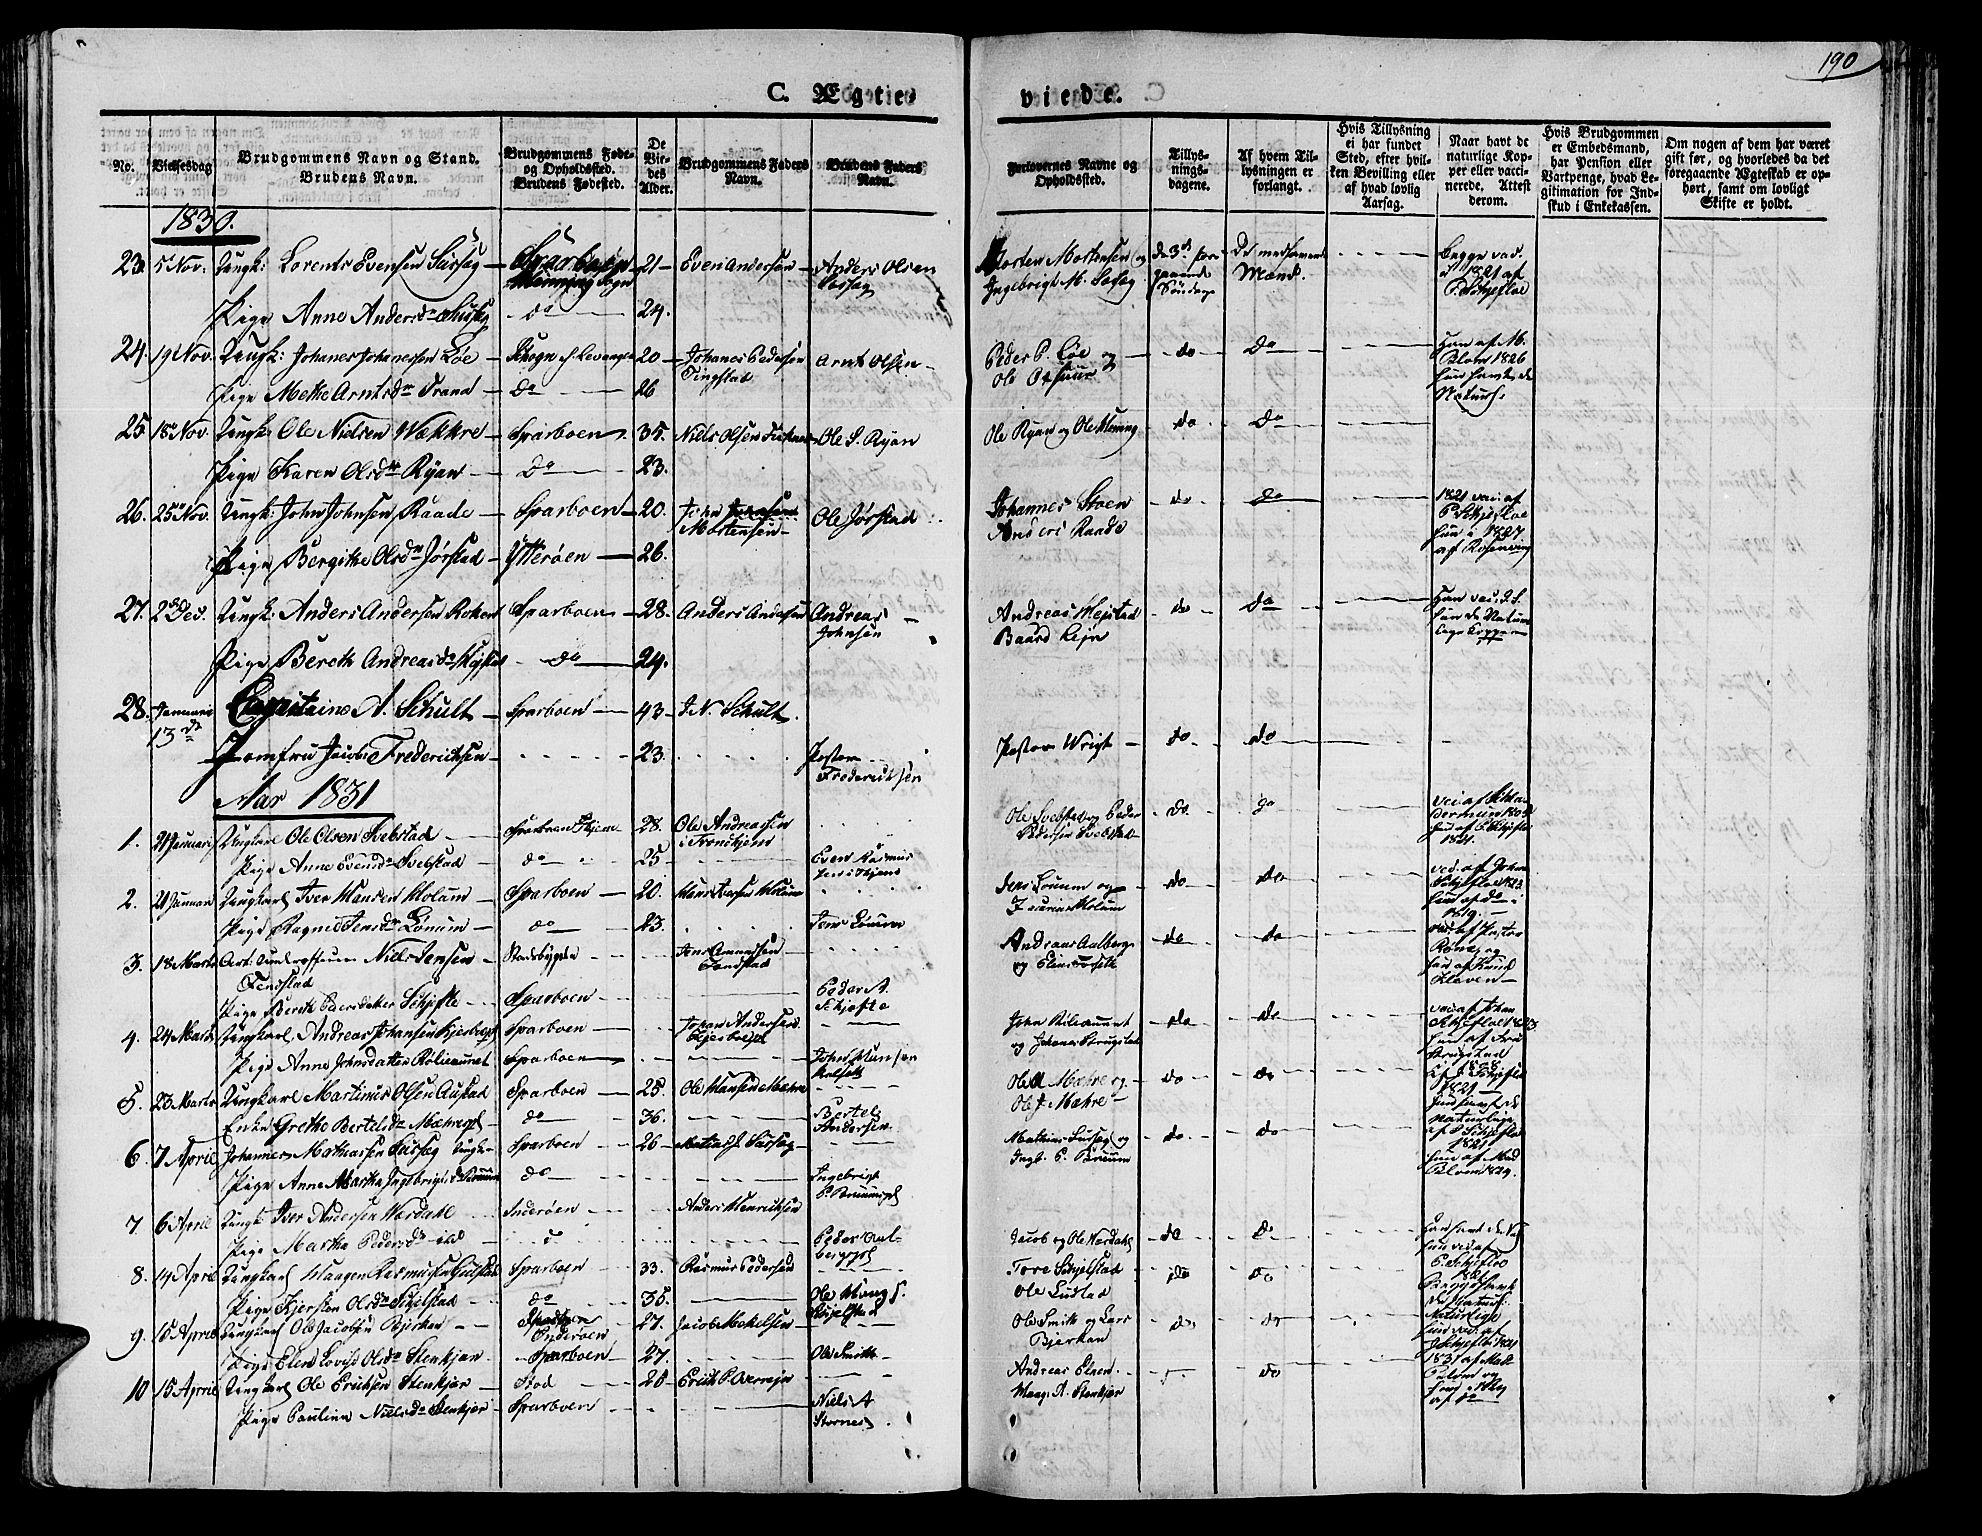 SAT, Ministerialprotokoller, klokkerbøker og fødselsregistre - Nord-Trøndelag, 735/L0336: Ministerialbok nr. 735A05 /1, 1825-1835, s. 190